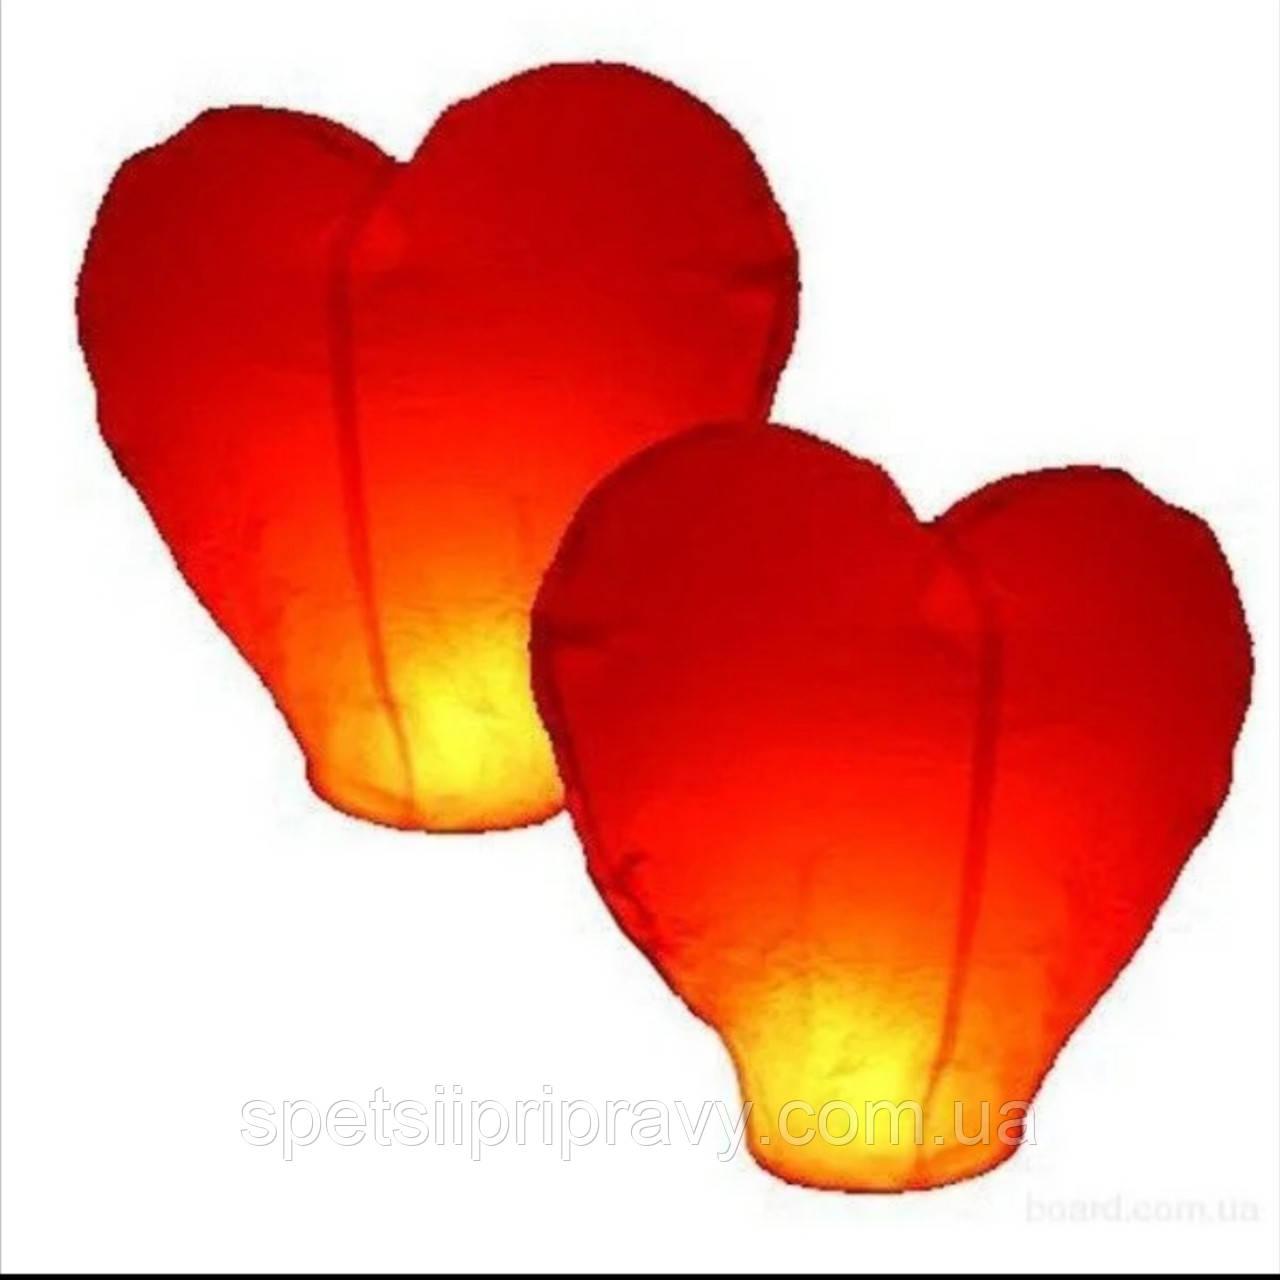 Небесний ліхтарик серце 💓